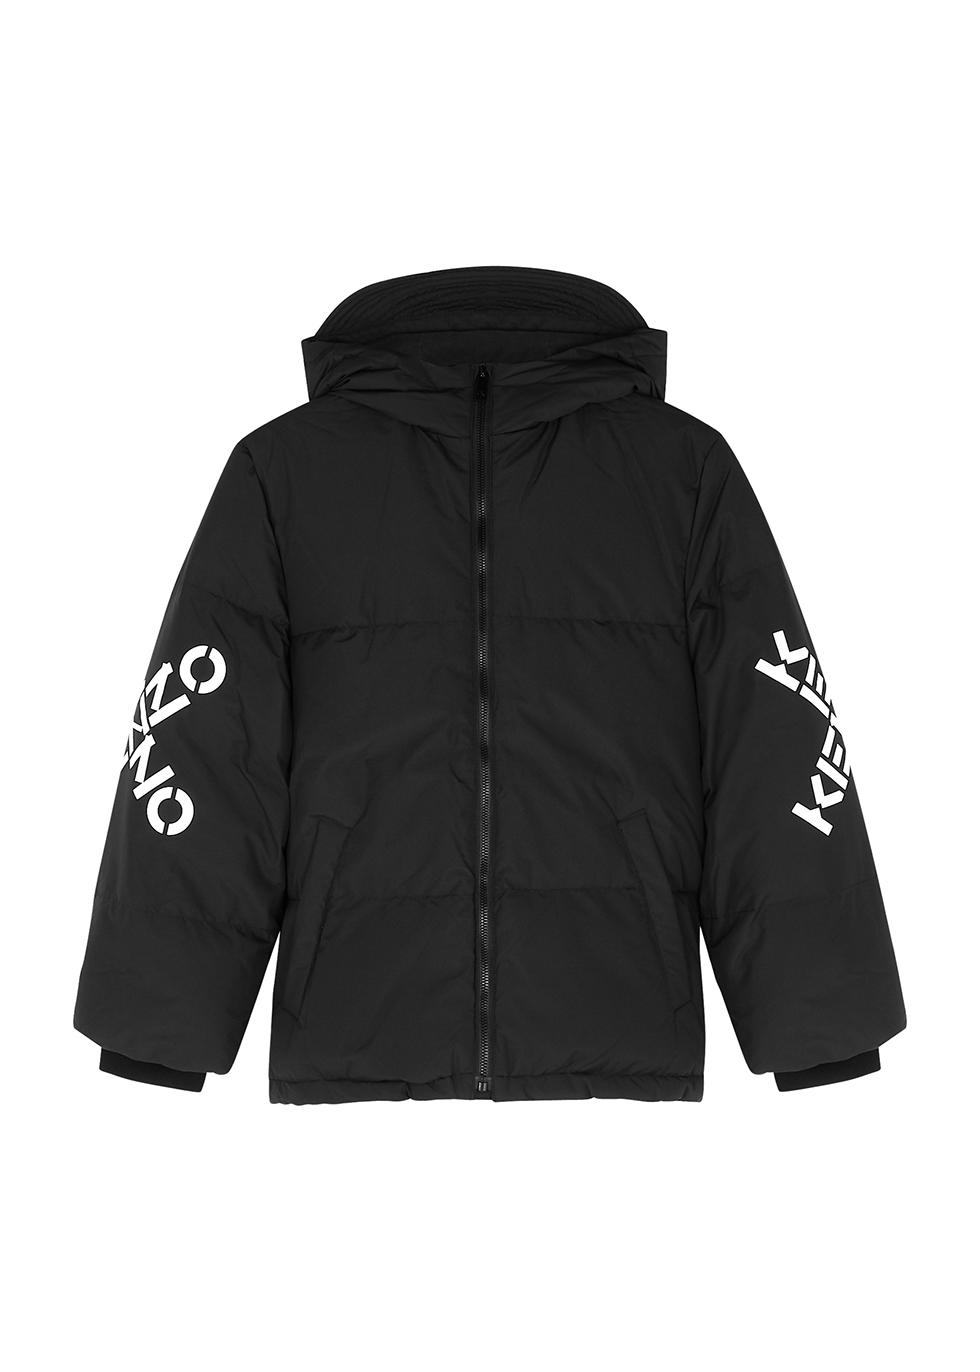 Black logo shell coat (6-12 years)